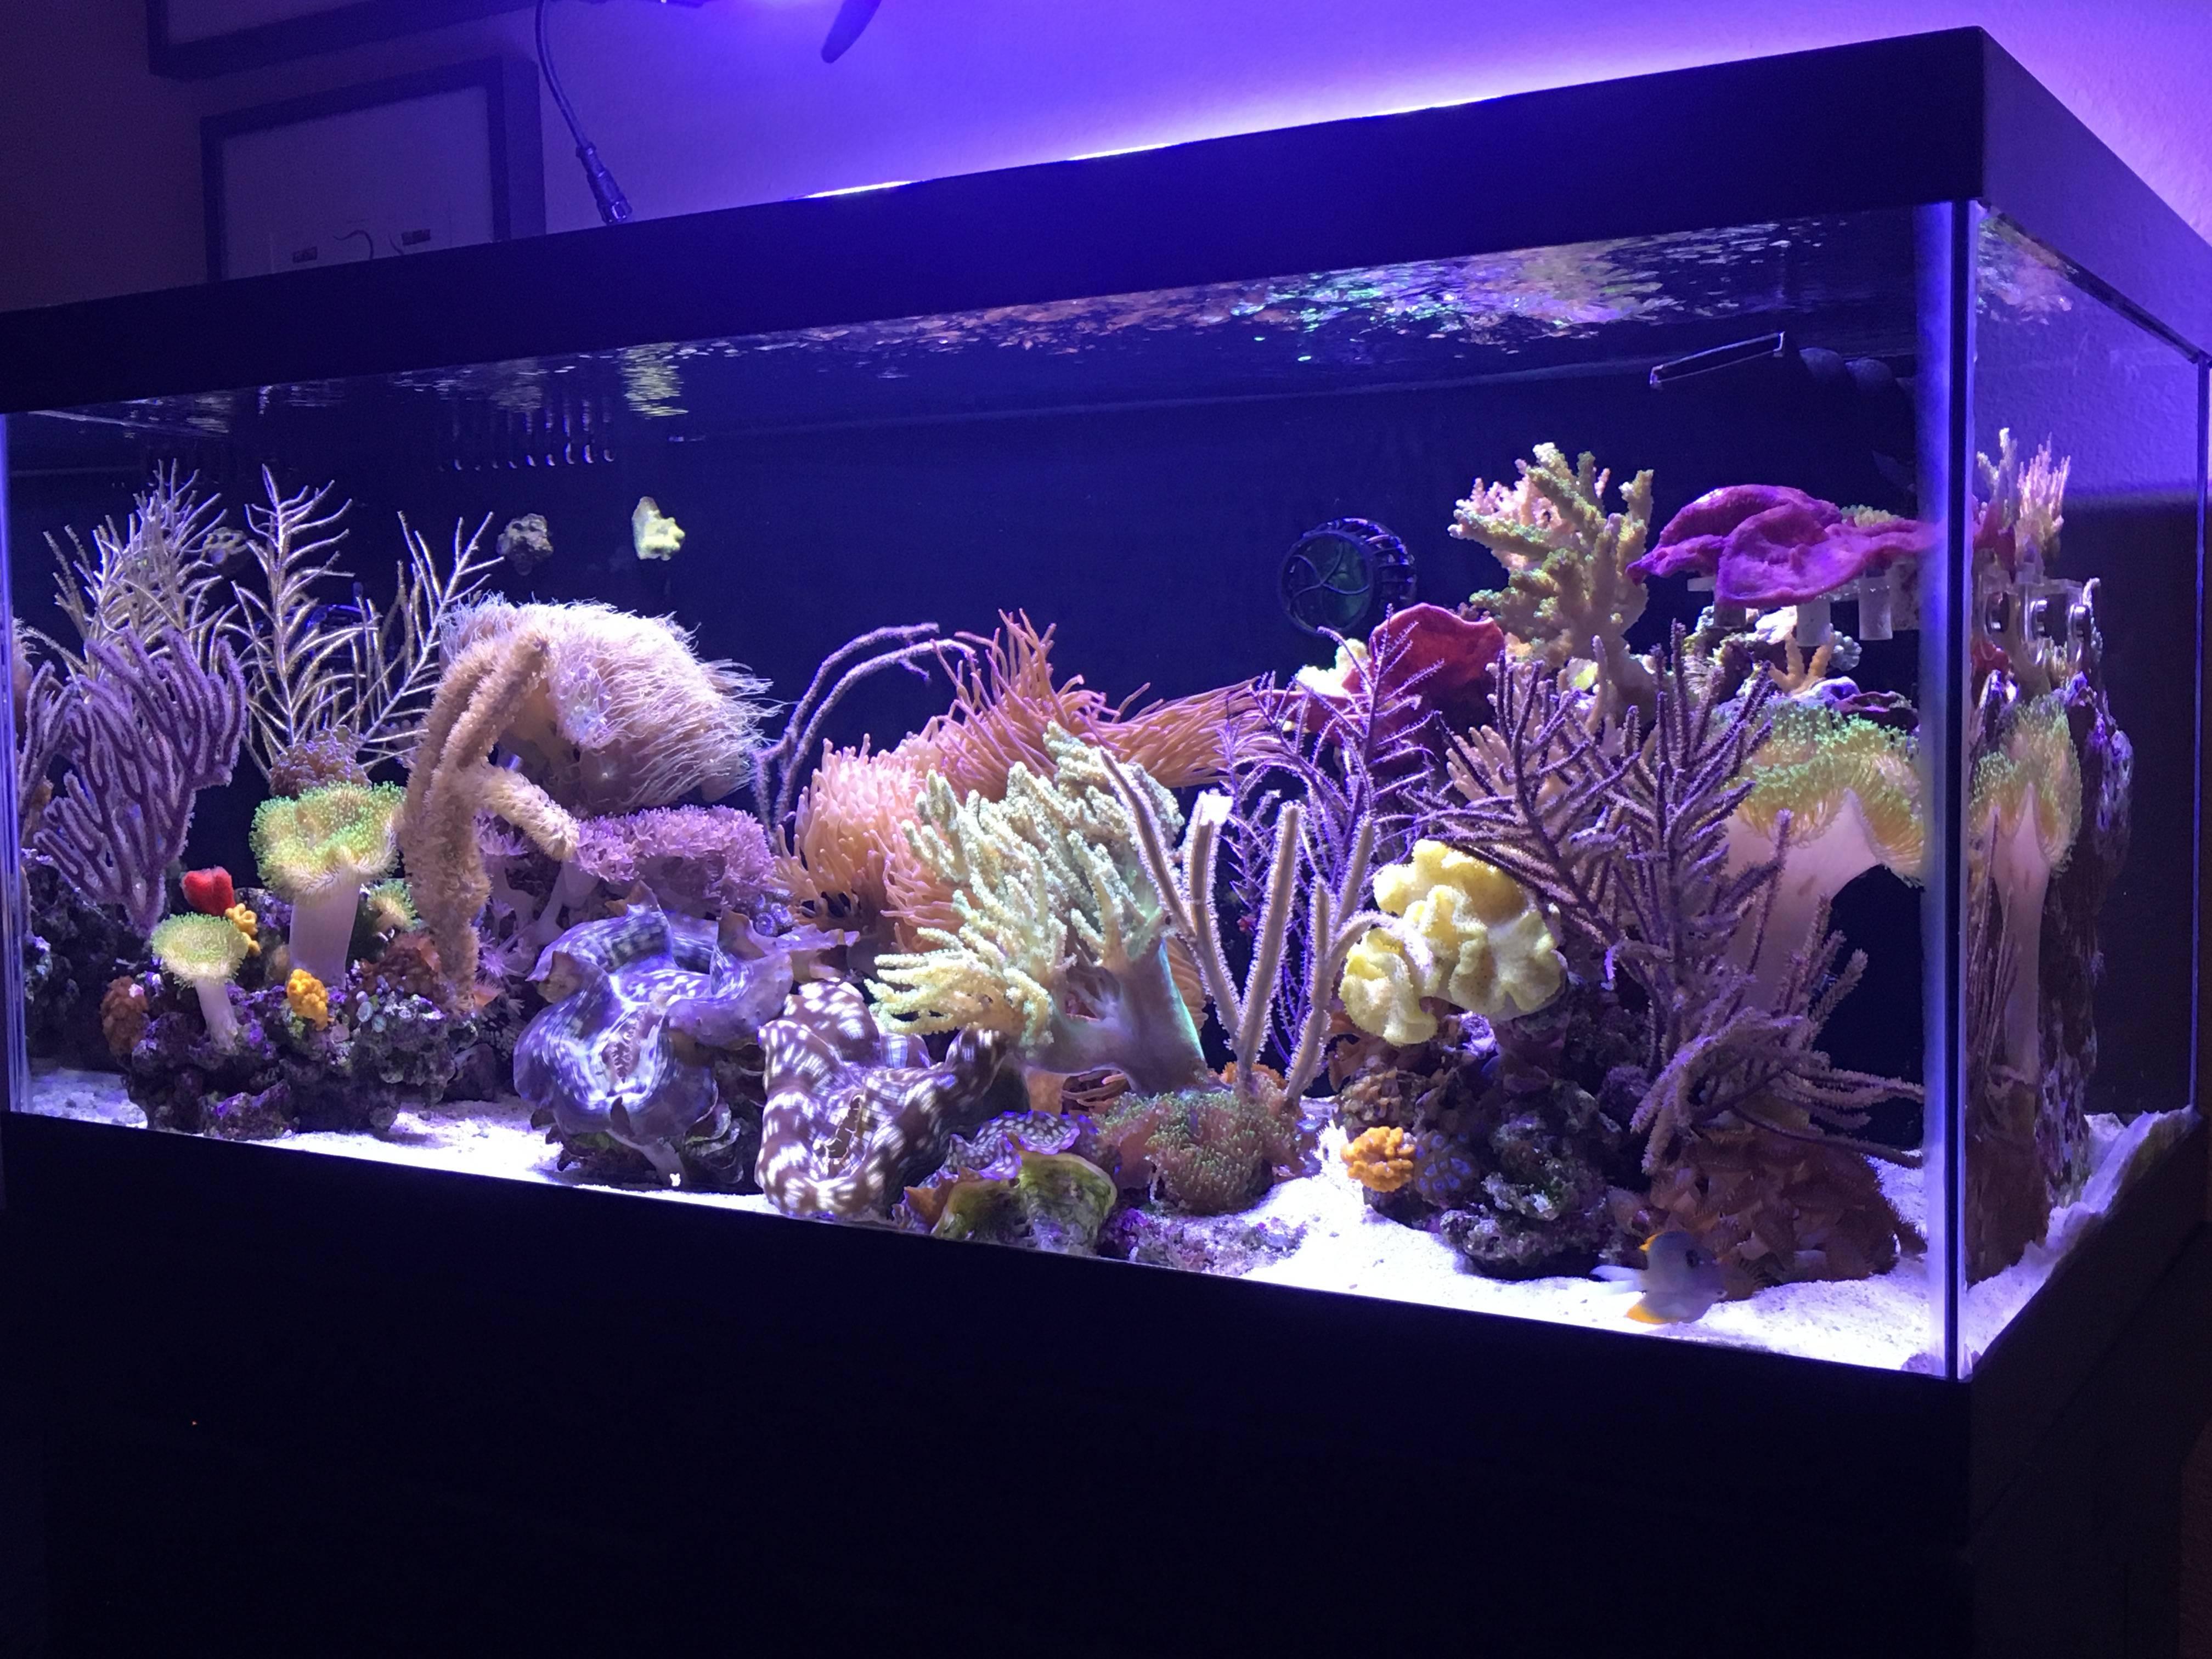 Felicia's 40 Gallon Breeder Mixed Reef Predator Tank